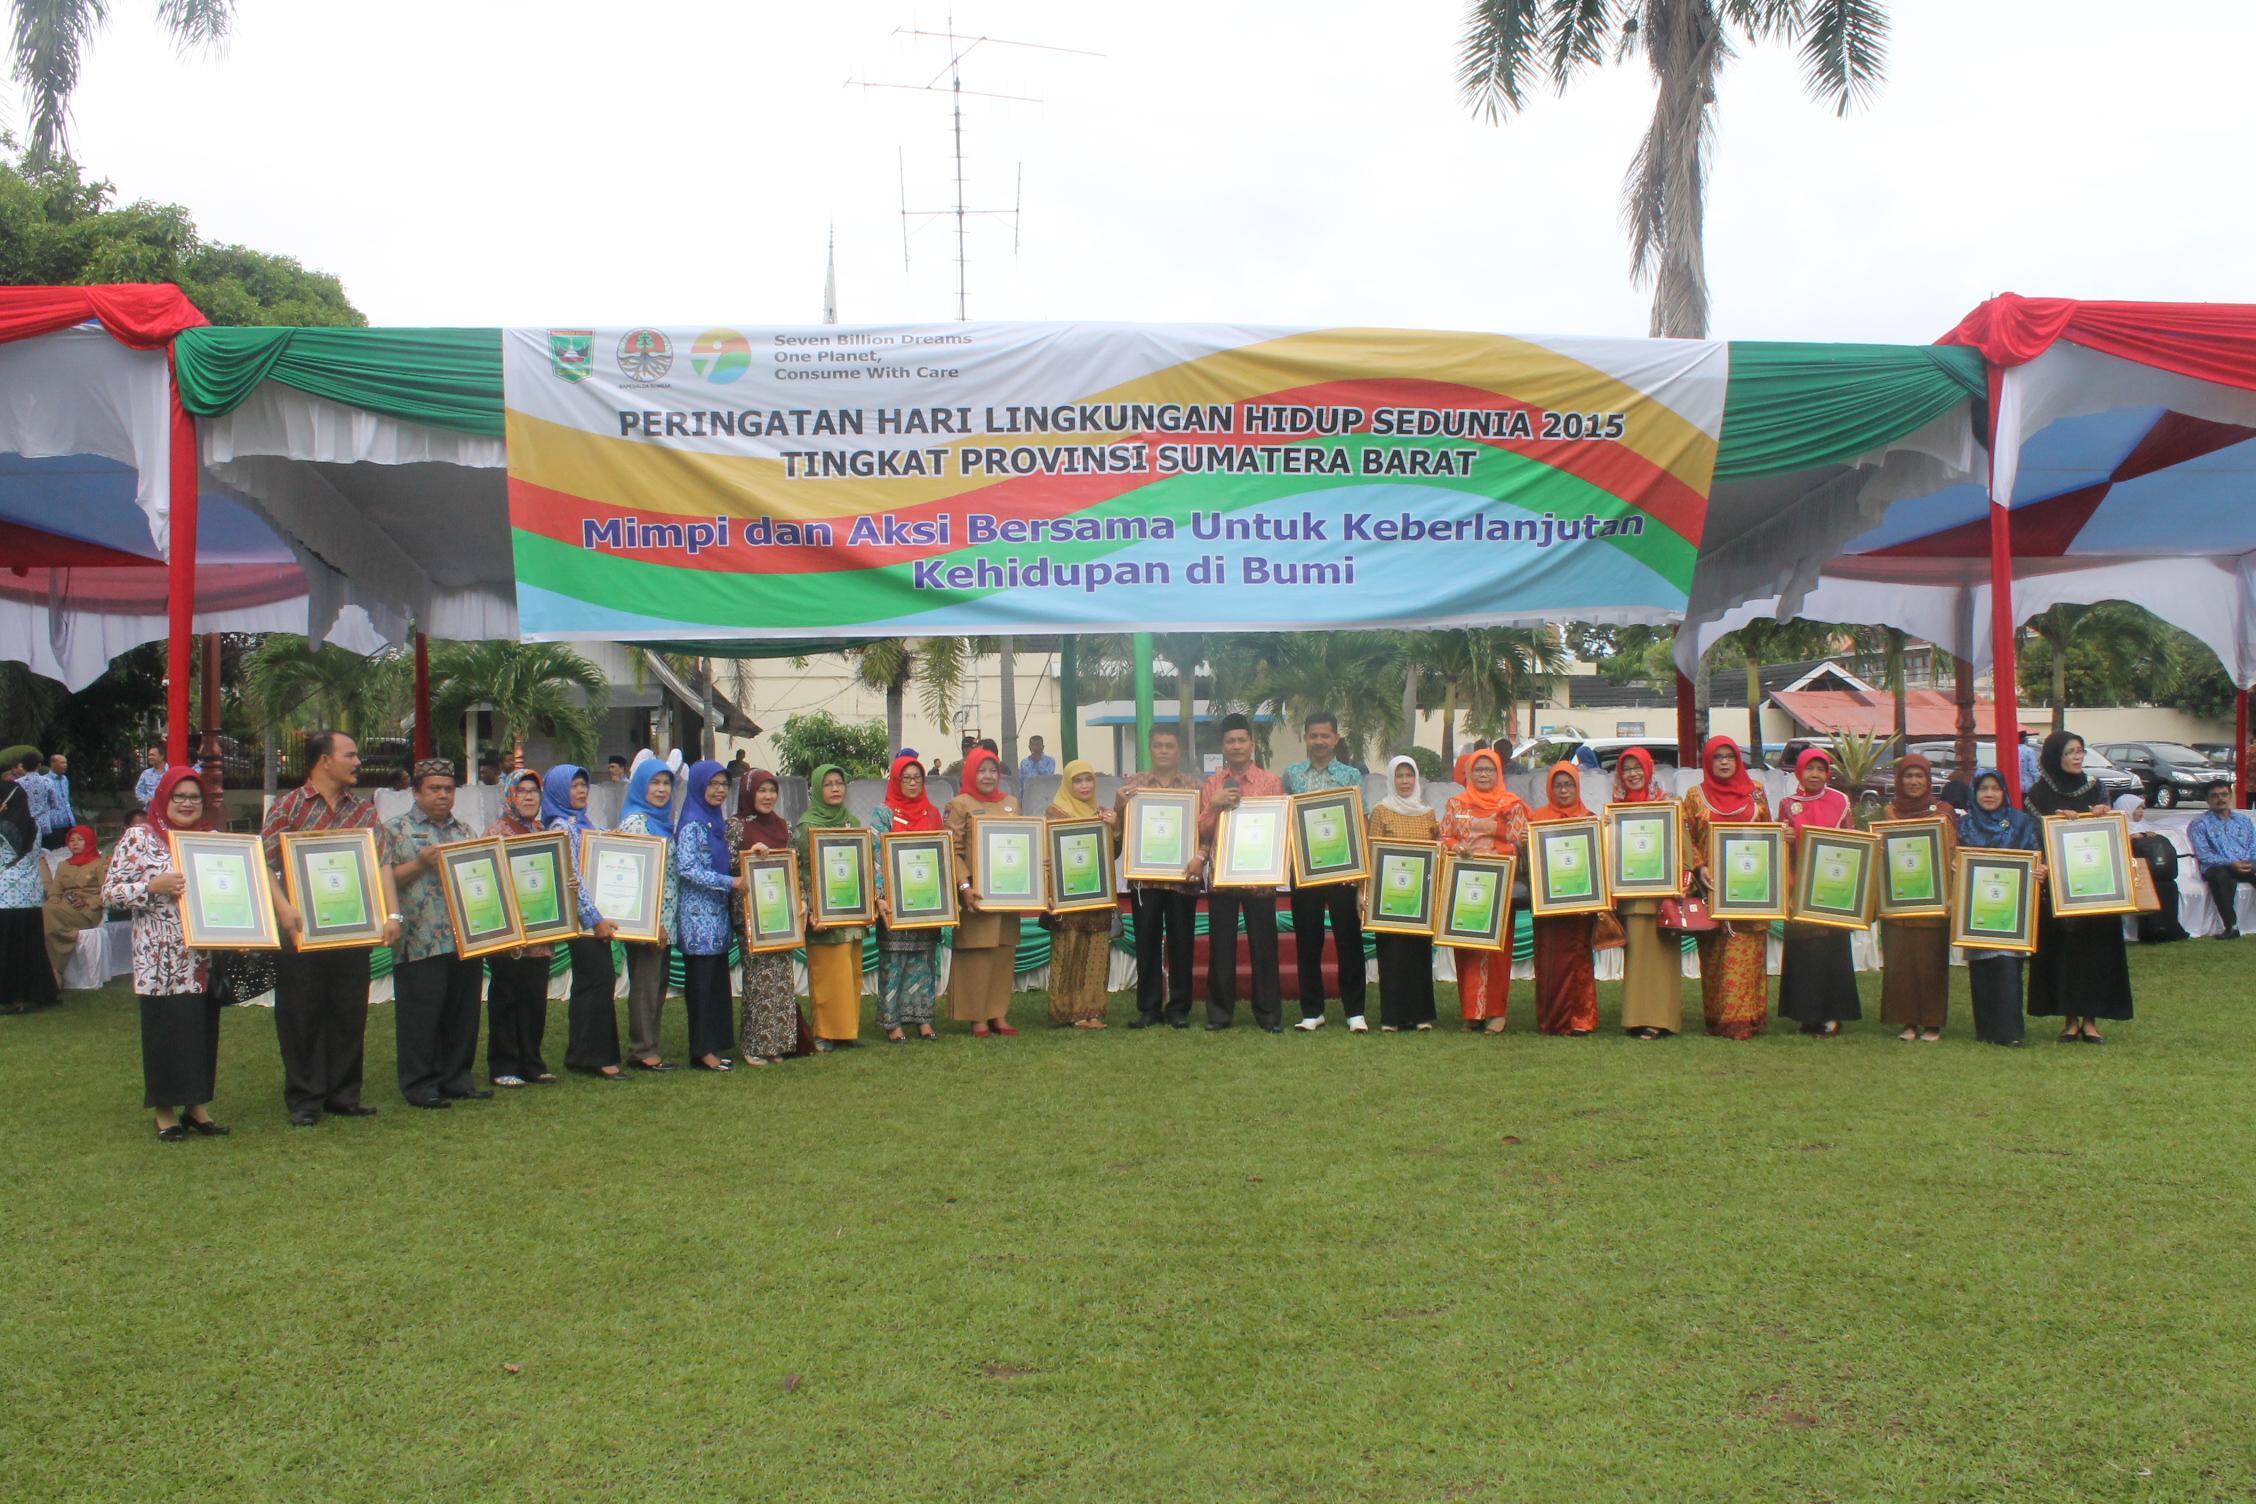 Nama-nama Sekolah Adiwiyata Tingkat Provinsi Sumatera Barat Tahun 2015